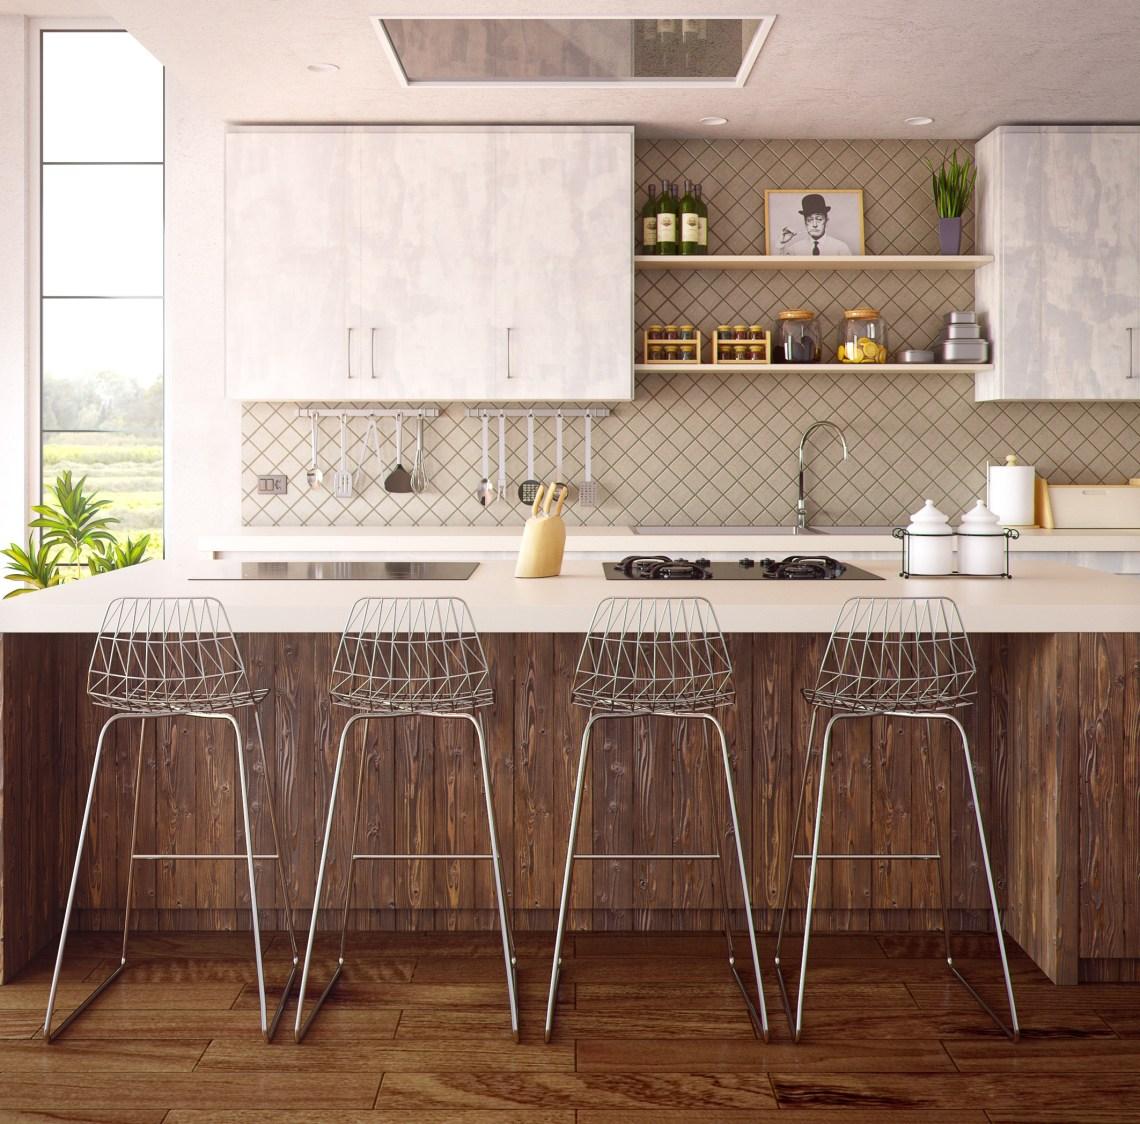 l'importance de la symétrie dans une cuisine